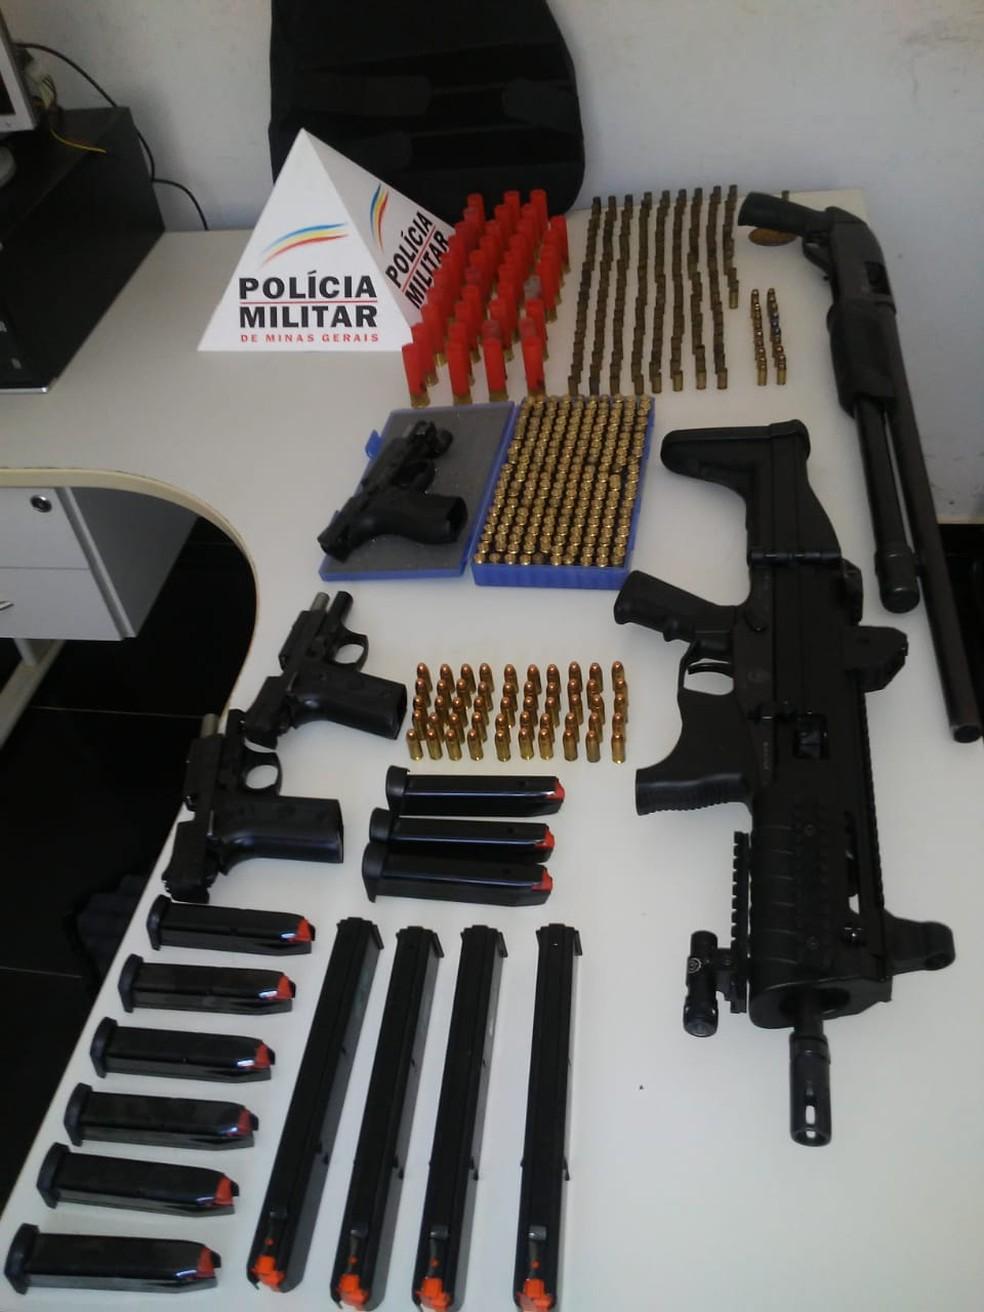 Apreensões aconteceram durante cumprimento de mandado de busca e apreensão. — Foto: Polícia Militar/Divulgação